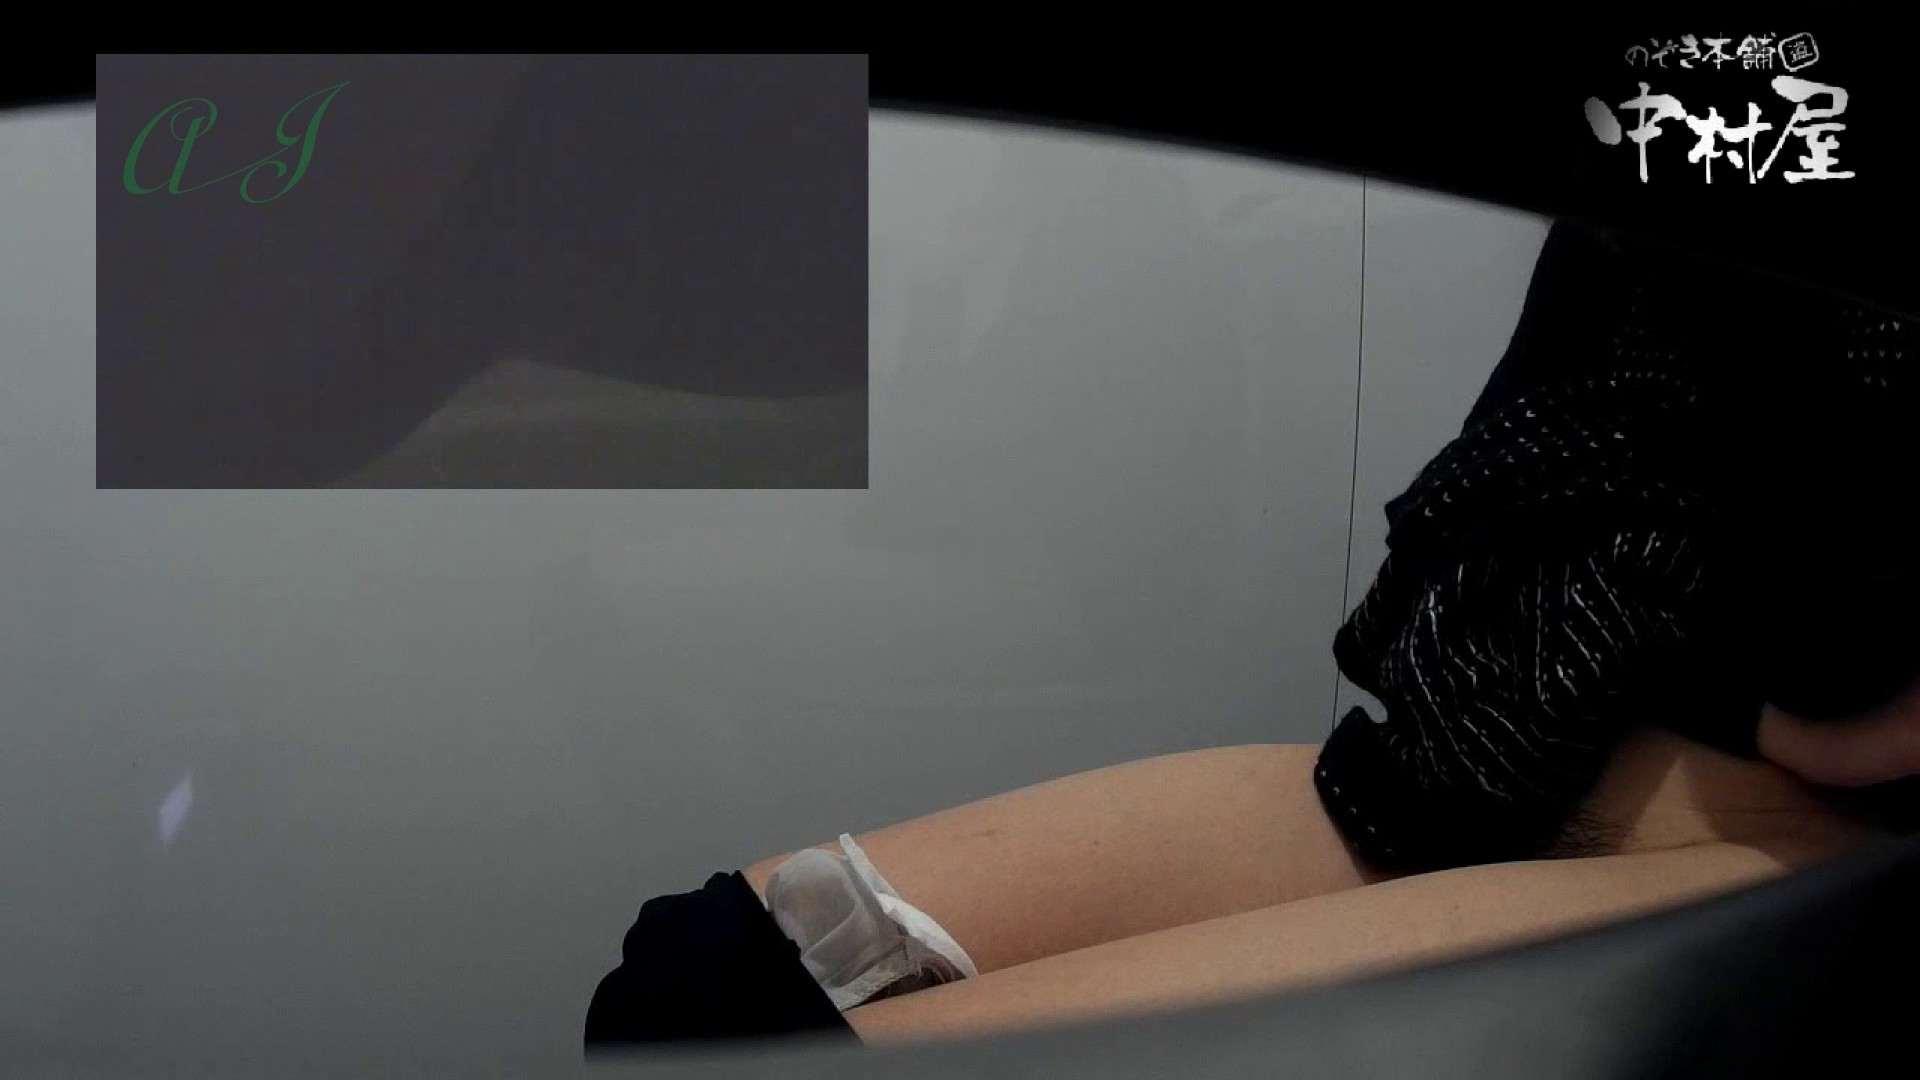 有名大学女性洗面所 vol.60 設置の神です。 和式 すけべAV動画紹介 109PIX 59